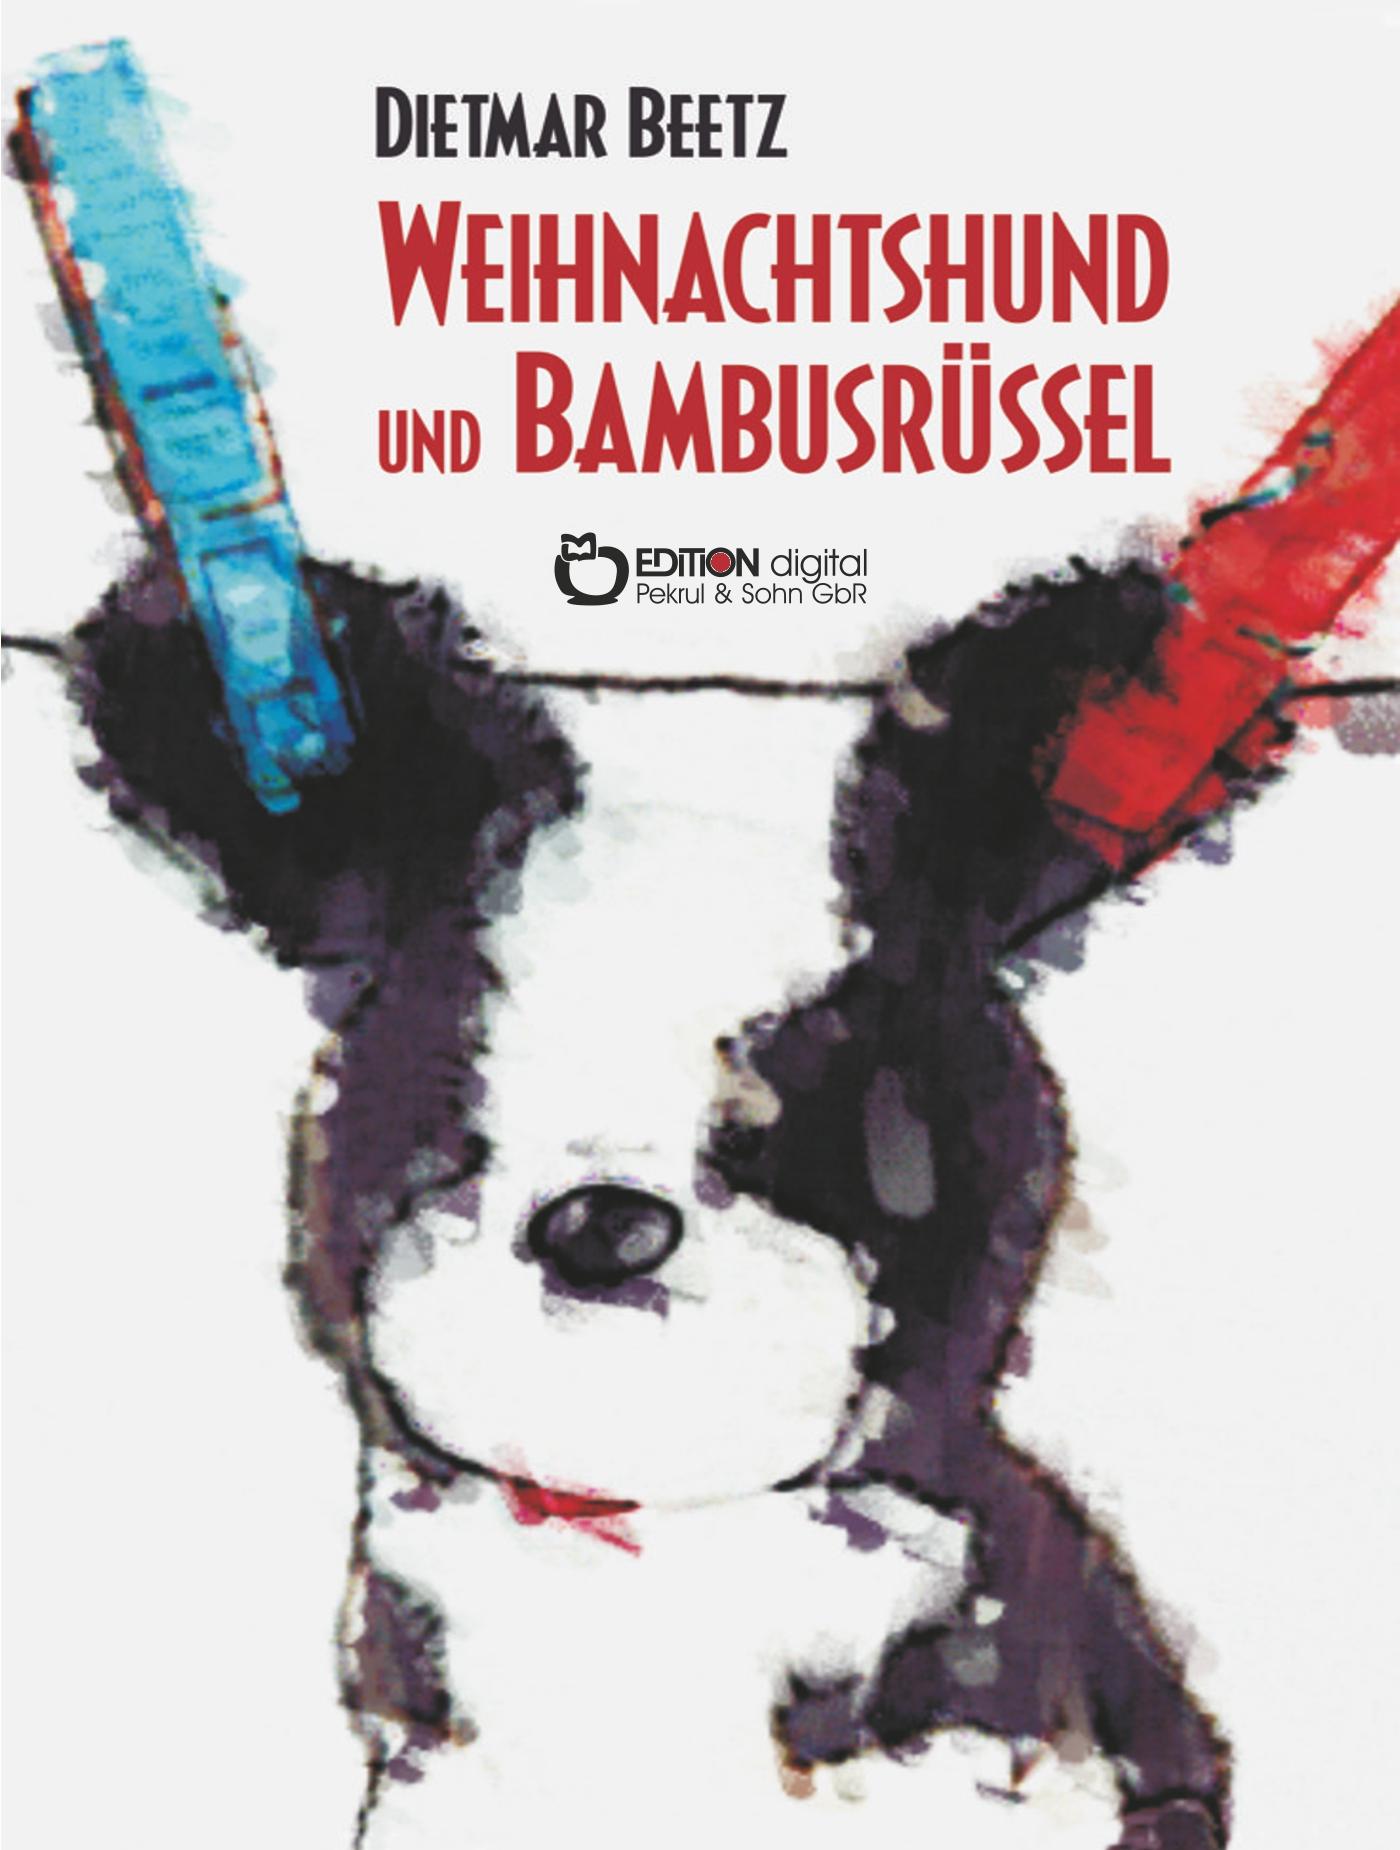 Weihnachtshund und Bambusrüssel. Tiergeschichten von Dietmar Beetz